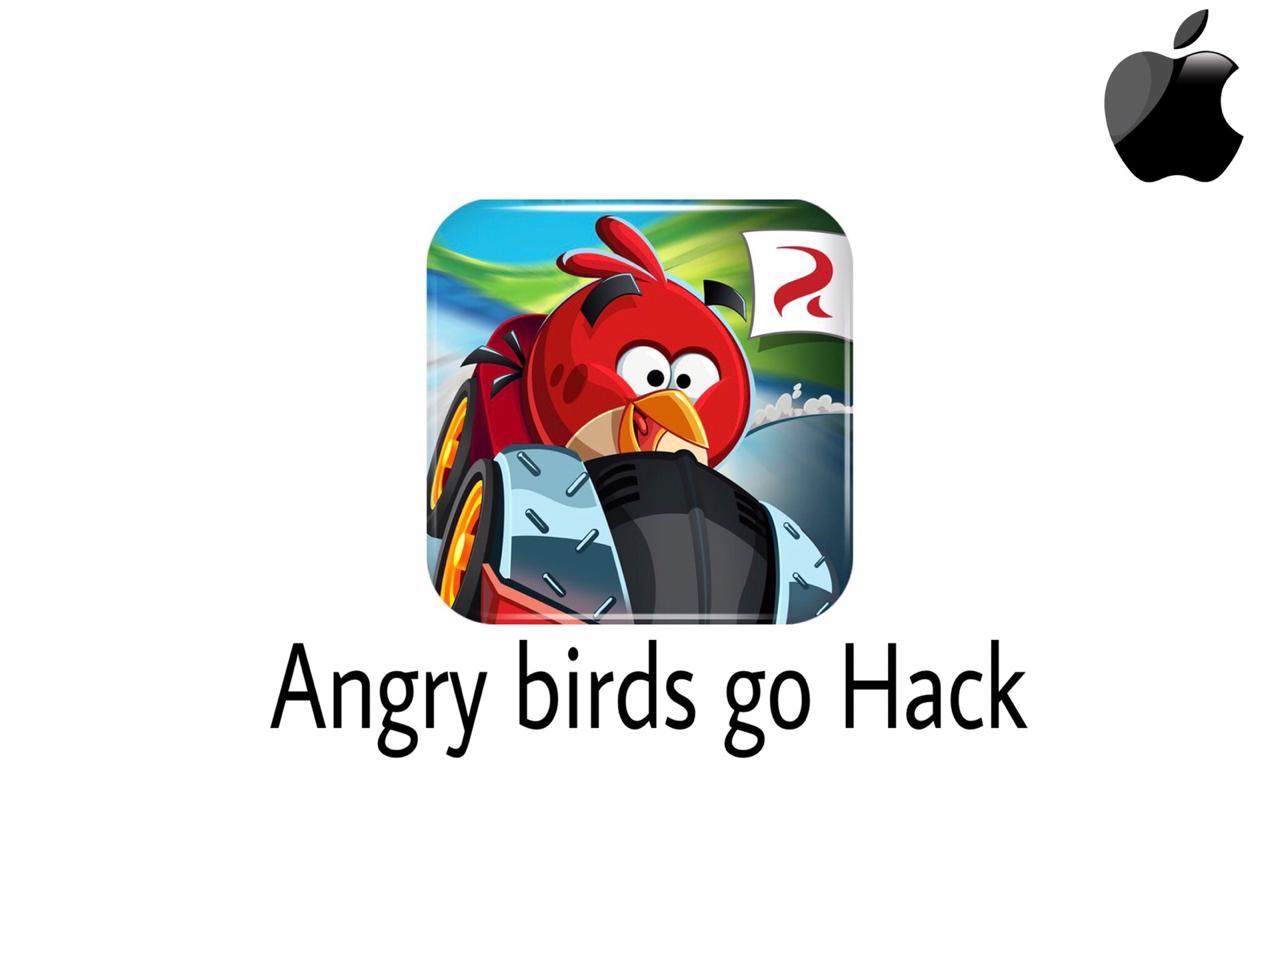 Angry birds go hack iOS